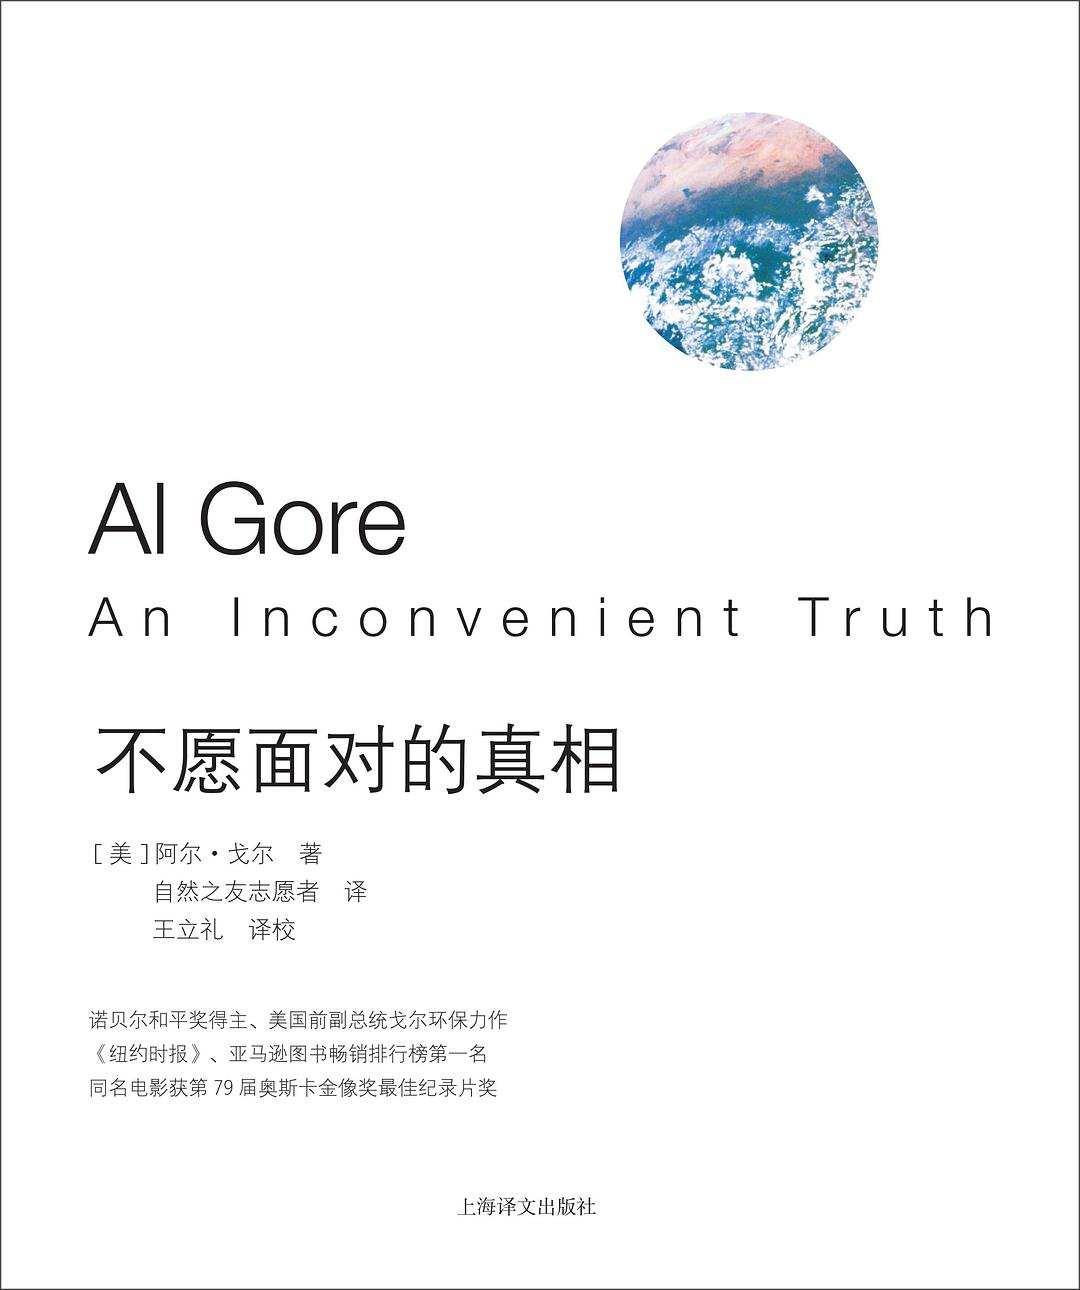 """《不愿面对的真相》是美国前副总统戈尔为全球变暖而写的书。他以时而风趣、时而严肃的态度,用最简单易懂的概念,让人了解""""全球变暖""""及其可能带来的毁灭性后果。戈尔提醒我们,全球变暖不再只是科学或是政治上的议题,而变成了一个道德议题。"""